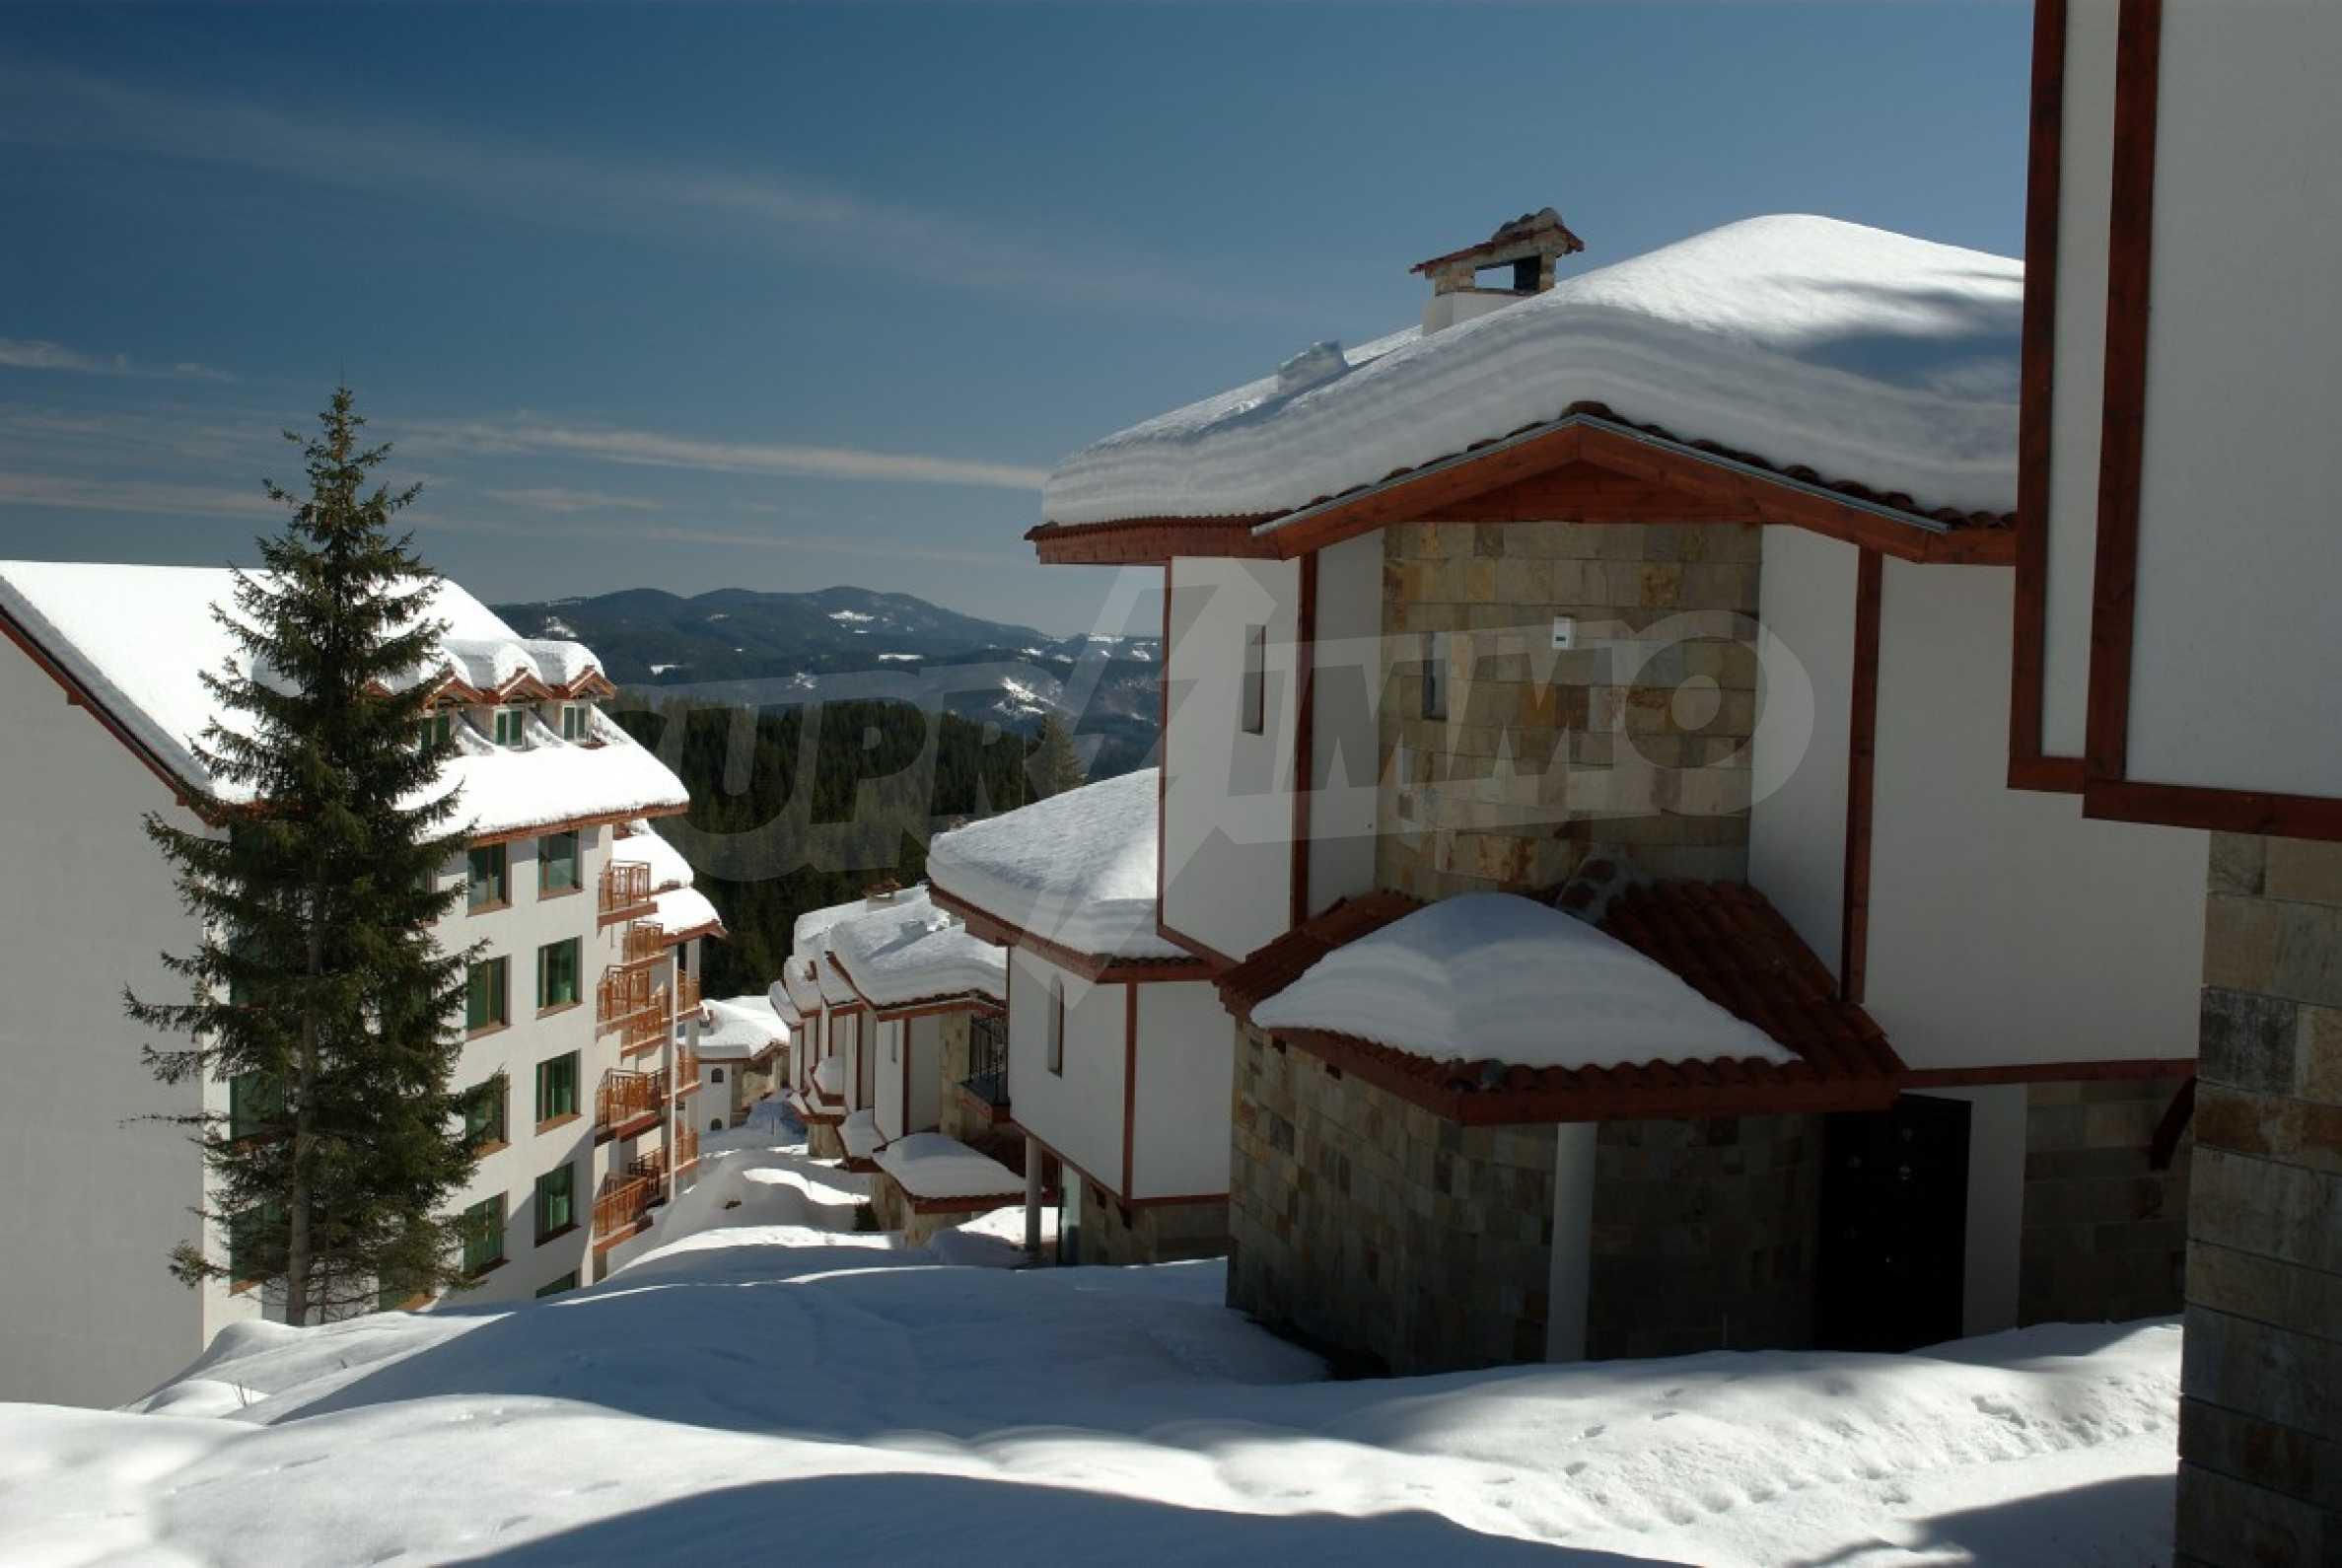 Апартаменти на атрактивни цени в планински ваканционен комплекс в Пампорово 25